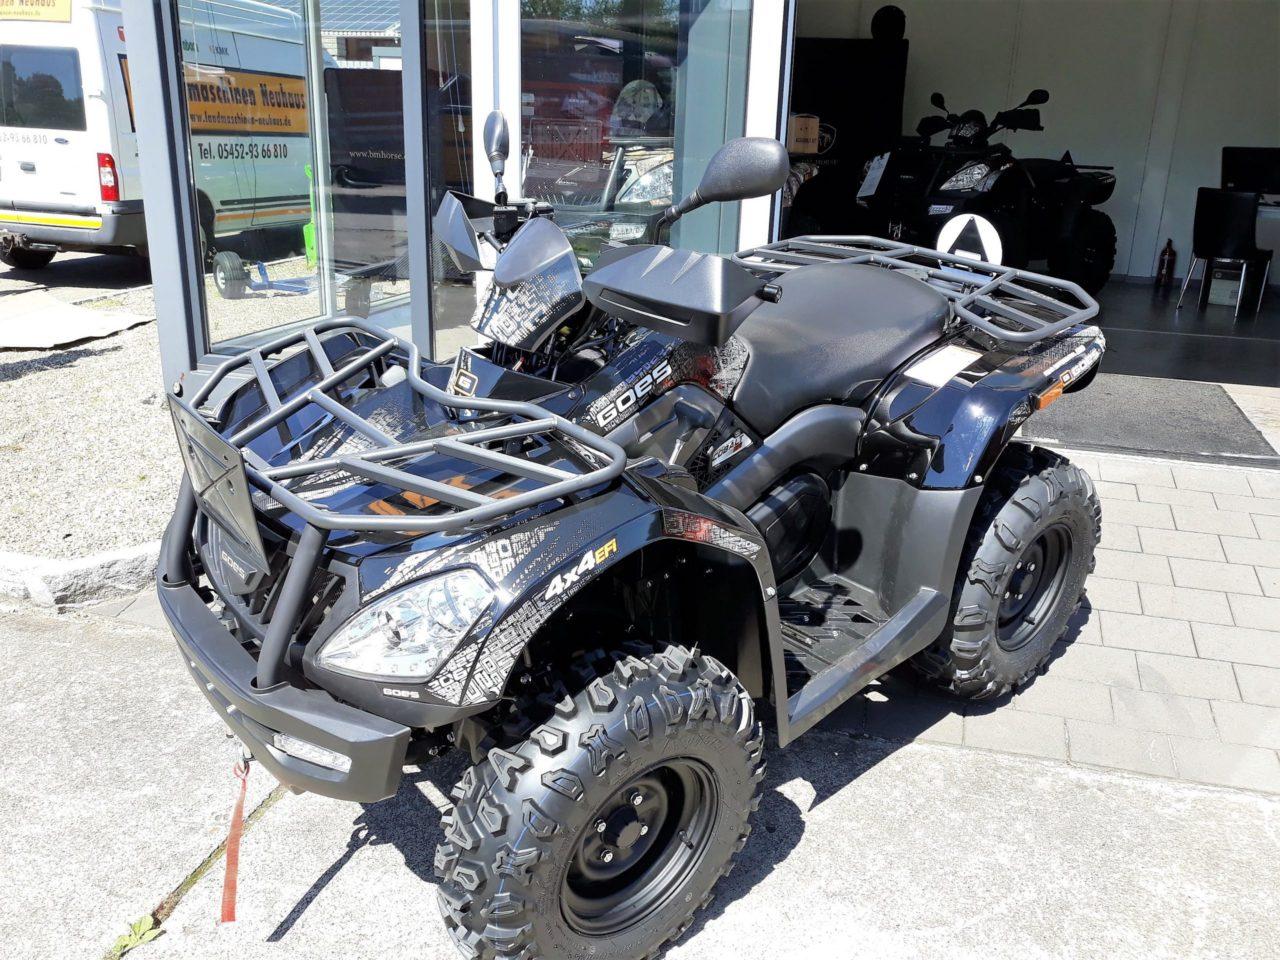 ATV / Quad GOES Cobalt Black Allrad 37 PS 495 ccm Zulassung